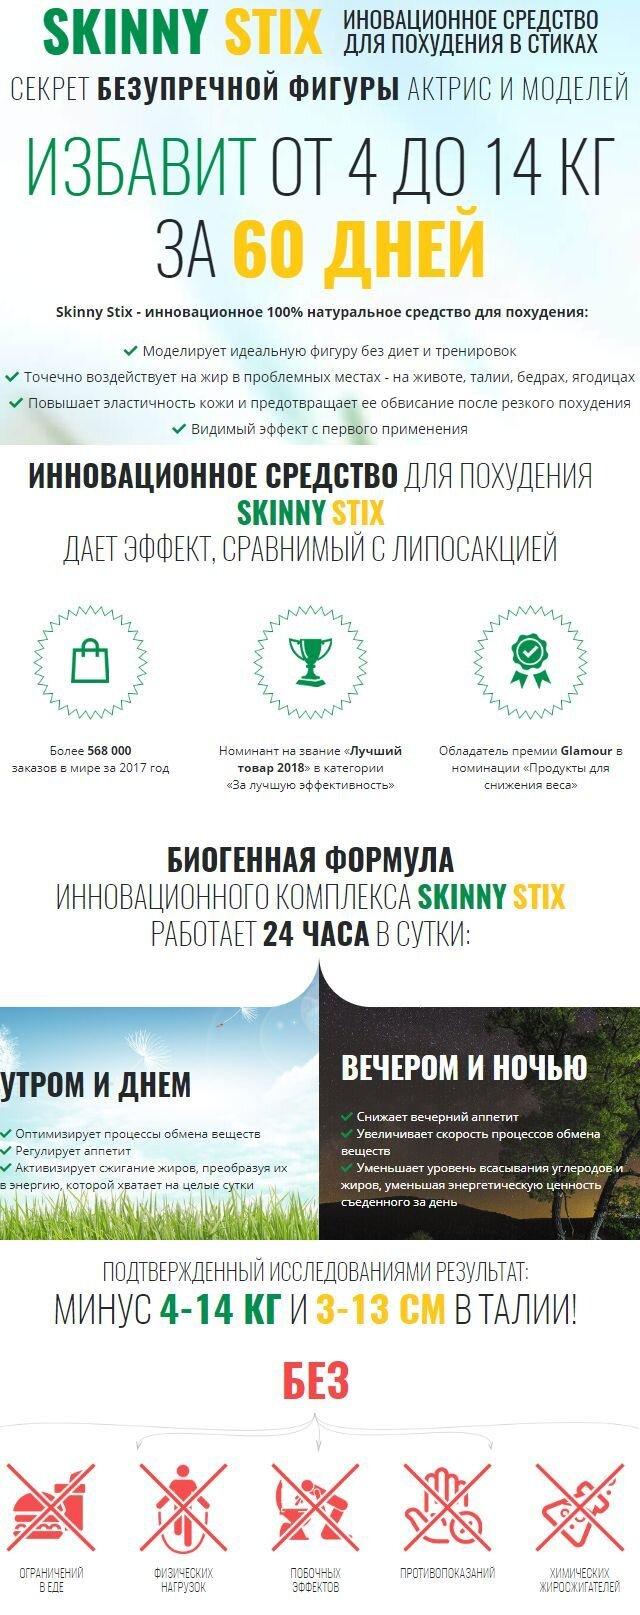 Skinny Stix купить в Казахстане